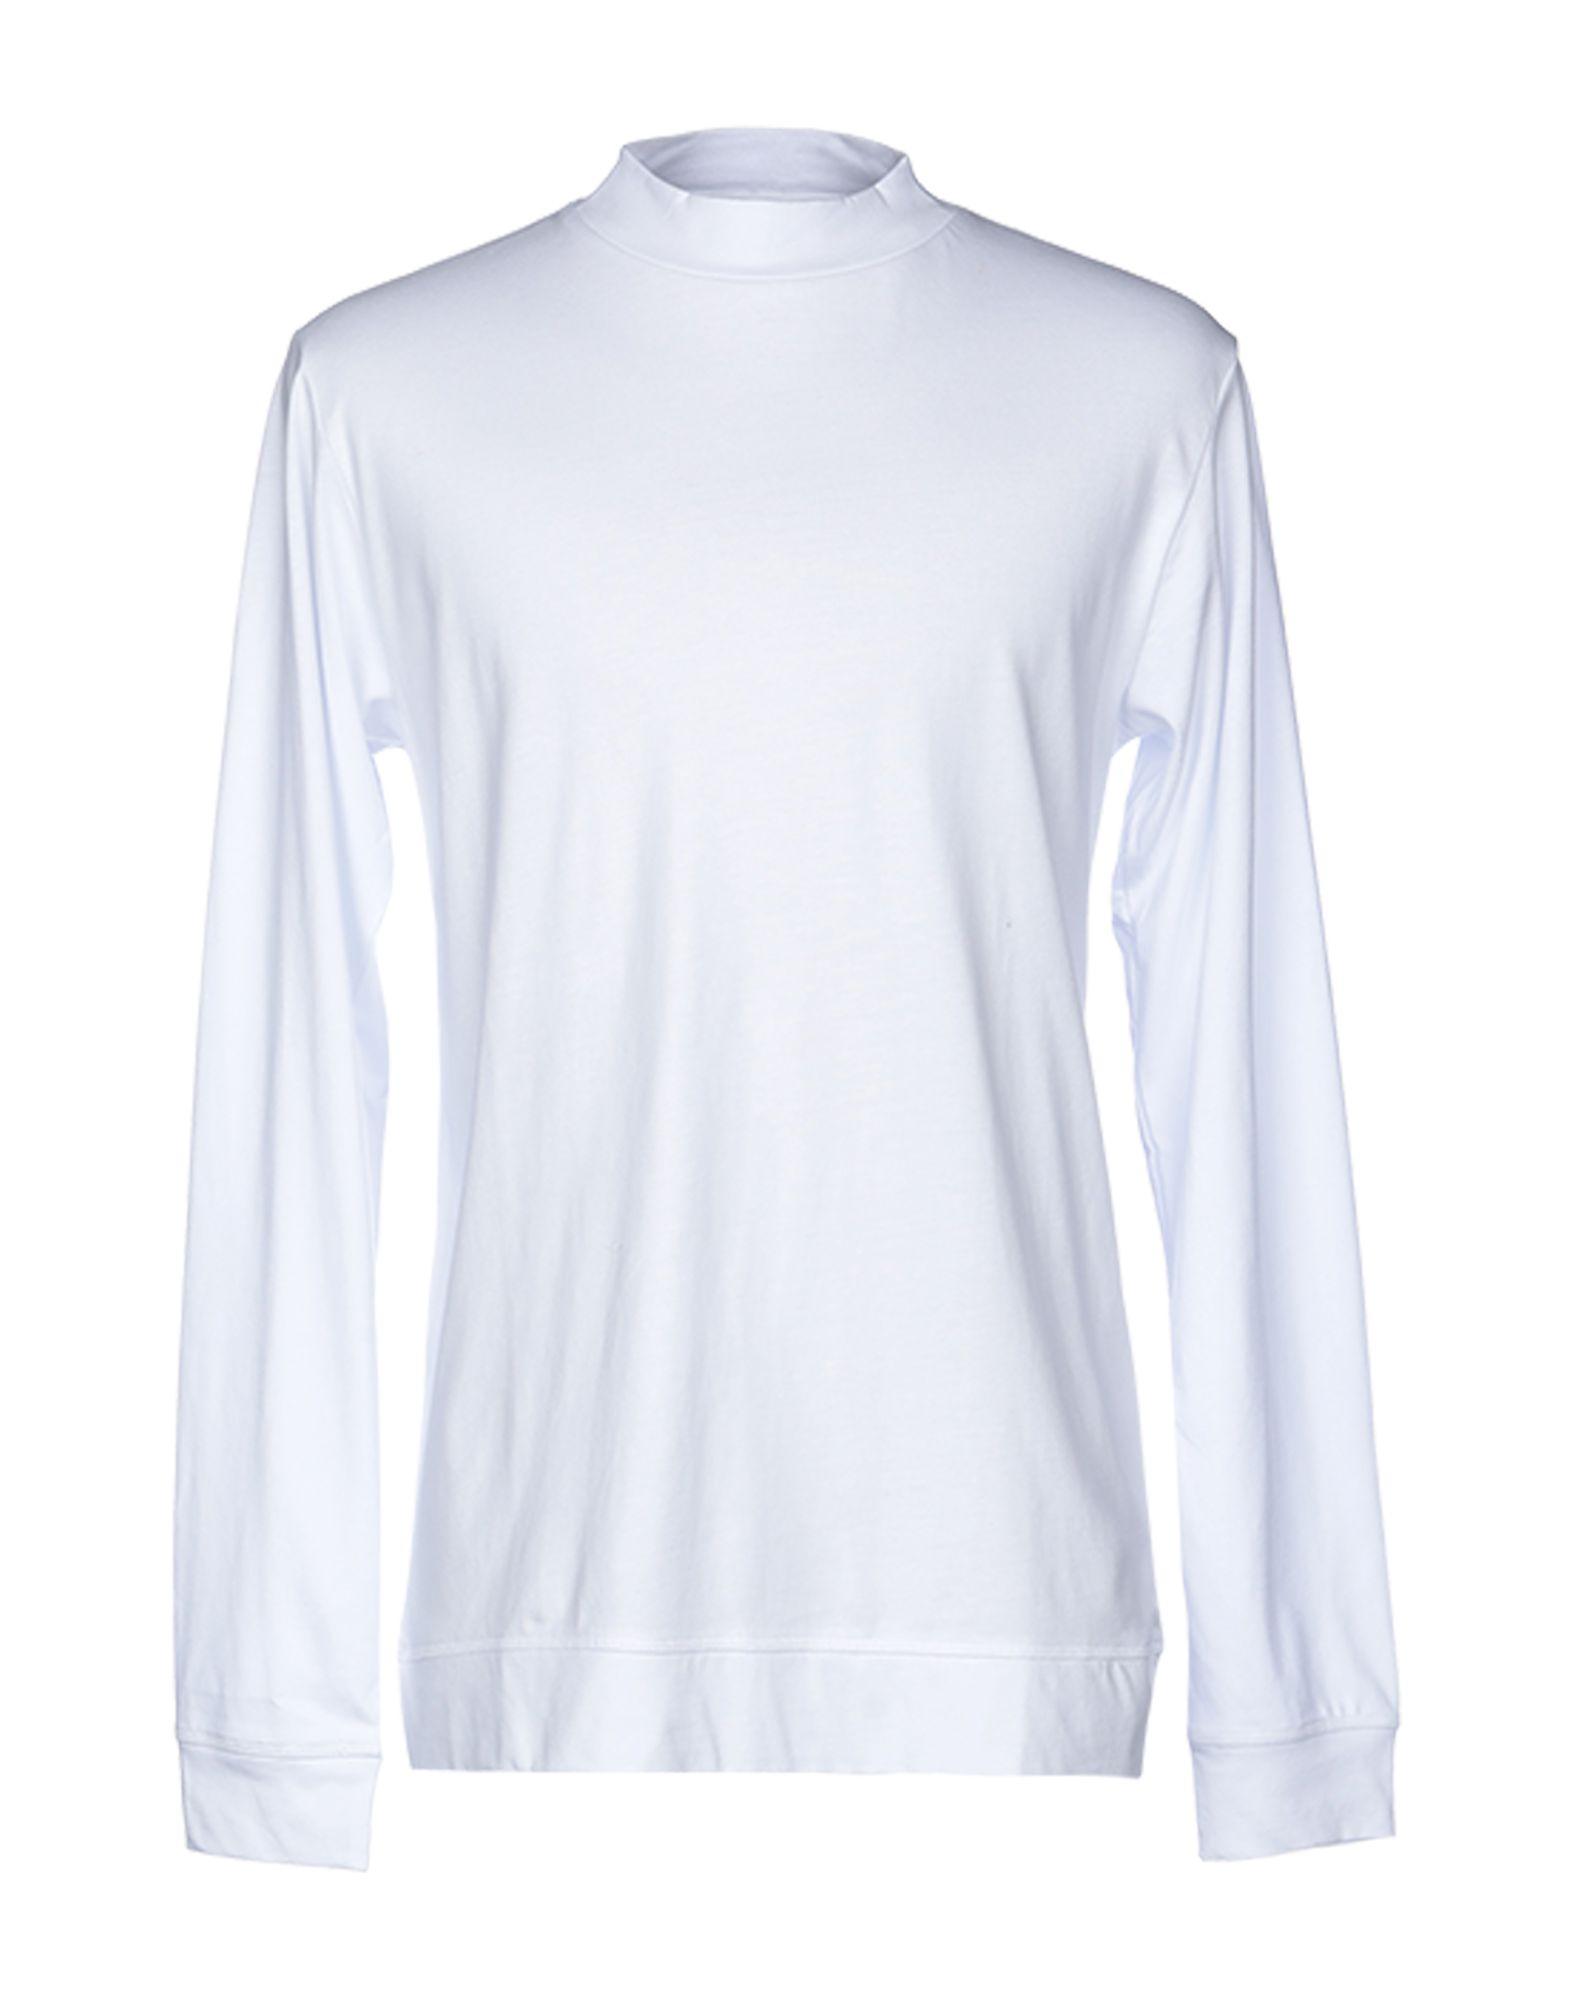 《セール開催中》LIBERTINE-LIBERTINE メンズ T シャツ ホワイト L コットン 100%